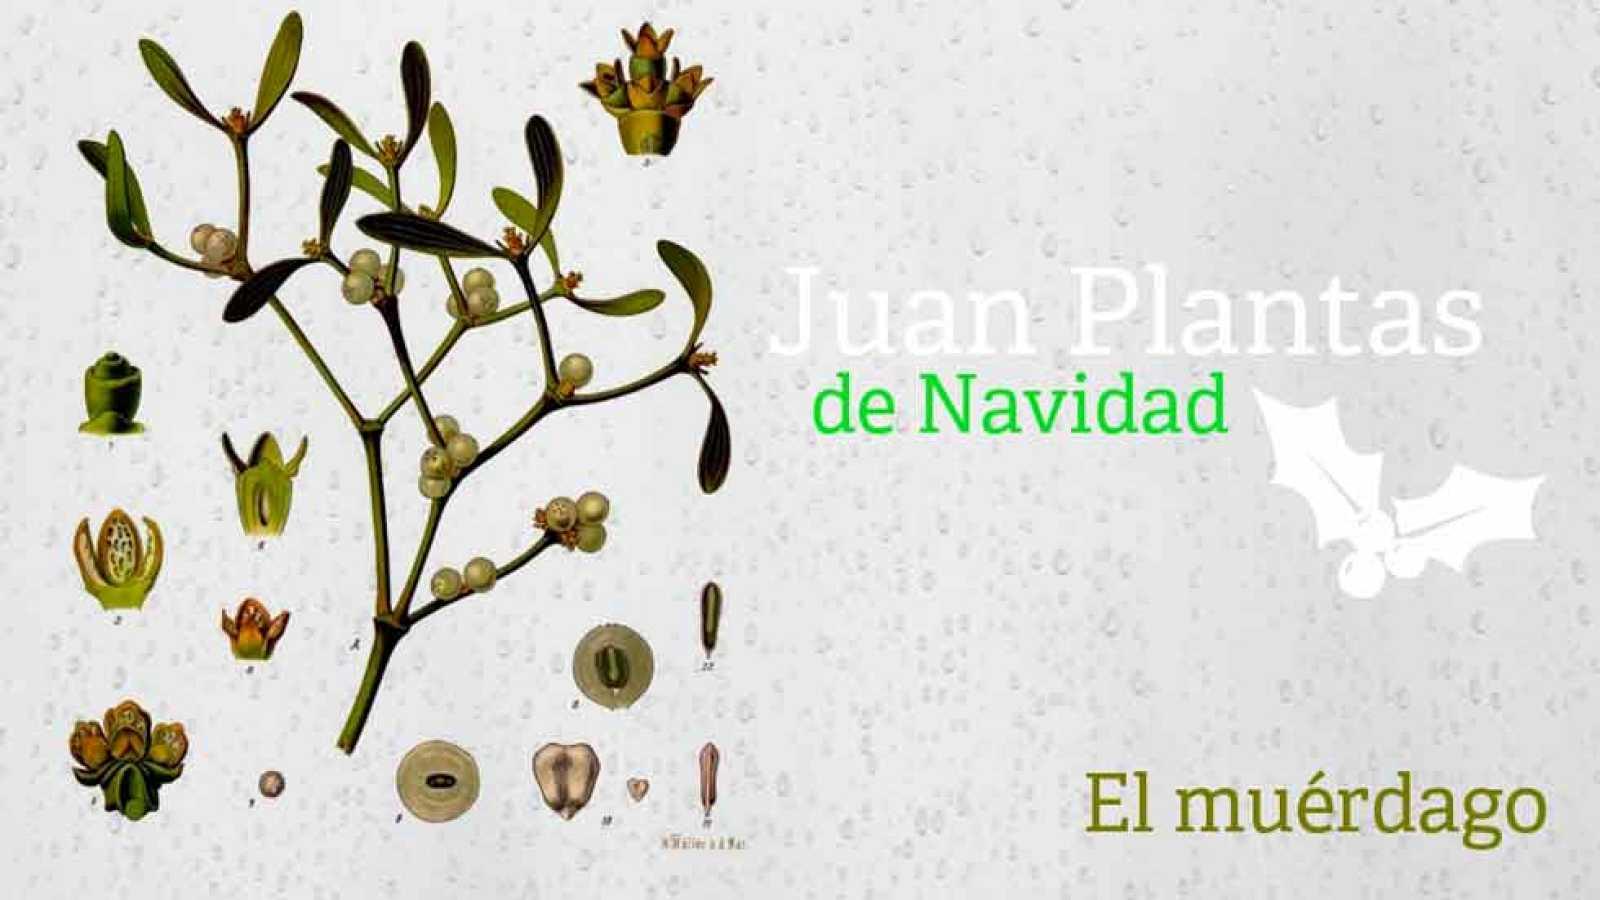 Aquí la Tierra-El muérdago de Juan Plantas - RTVE.es